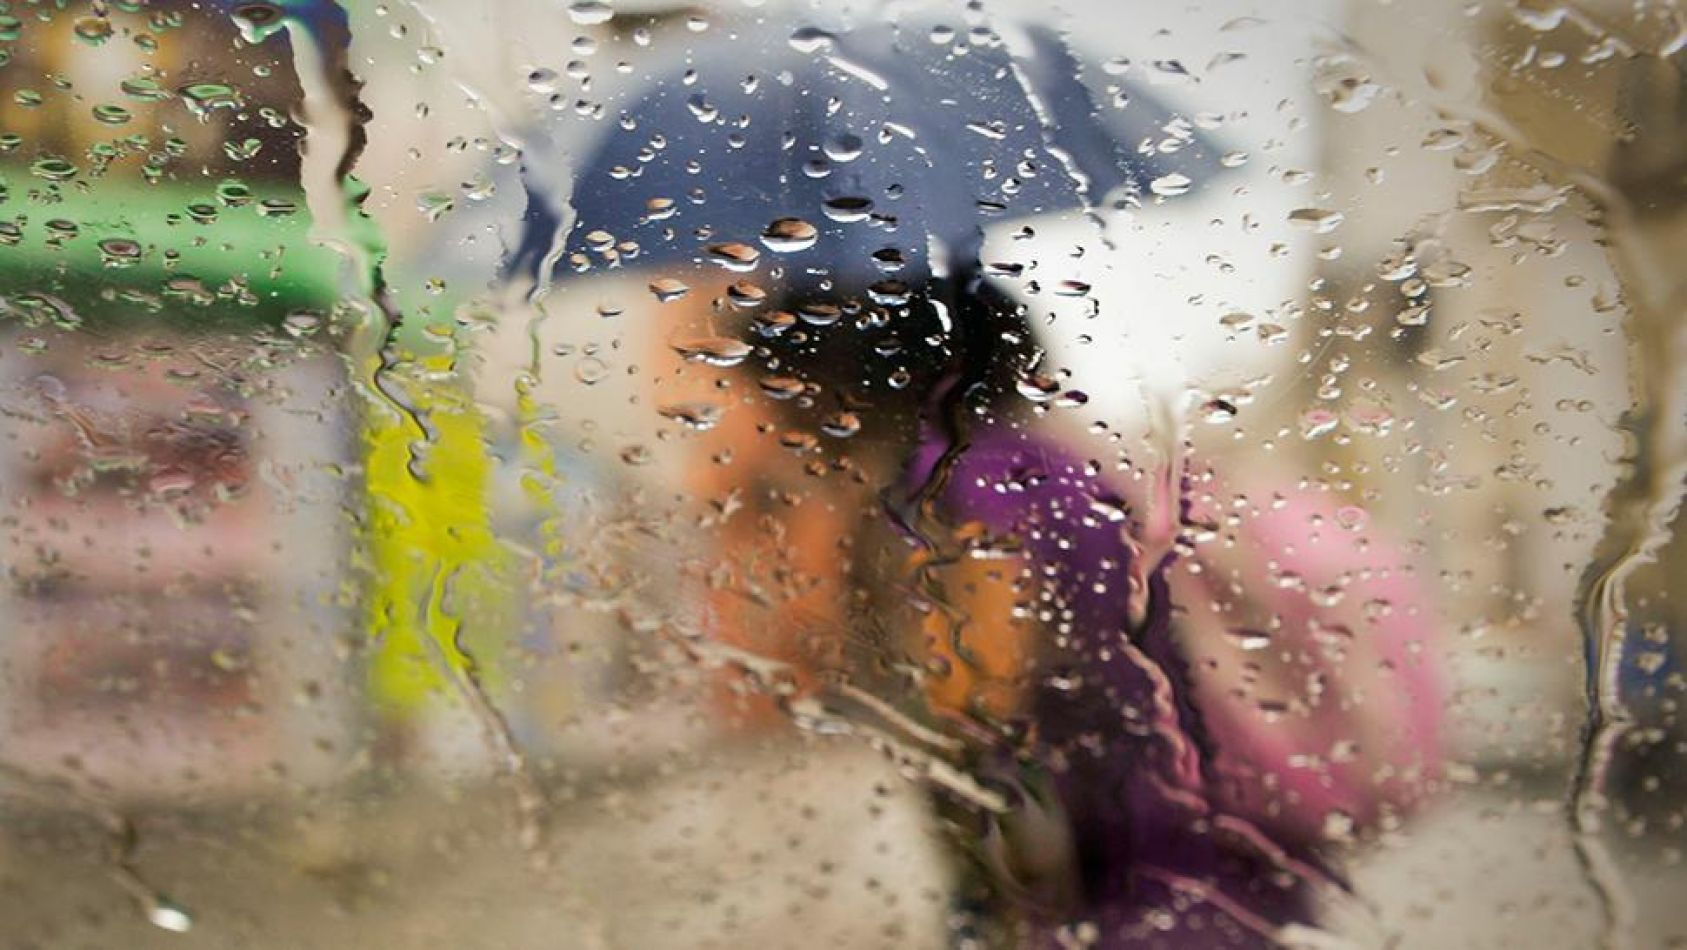 Tiempo en Salta: entre el frío y las lluvias